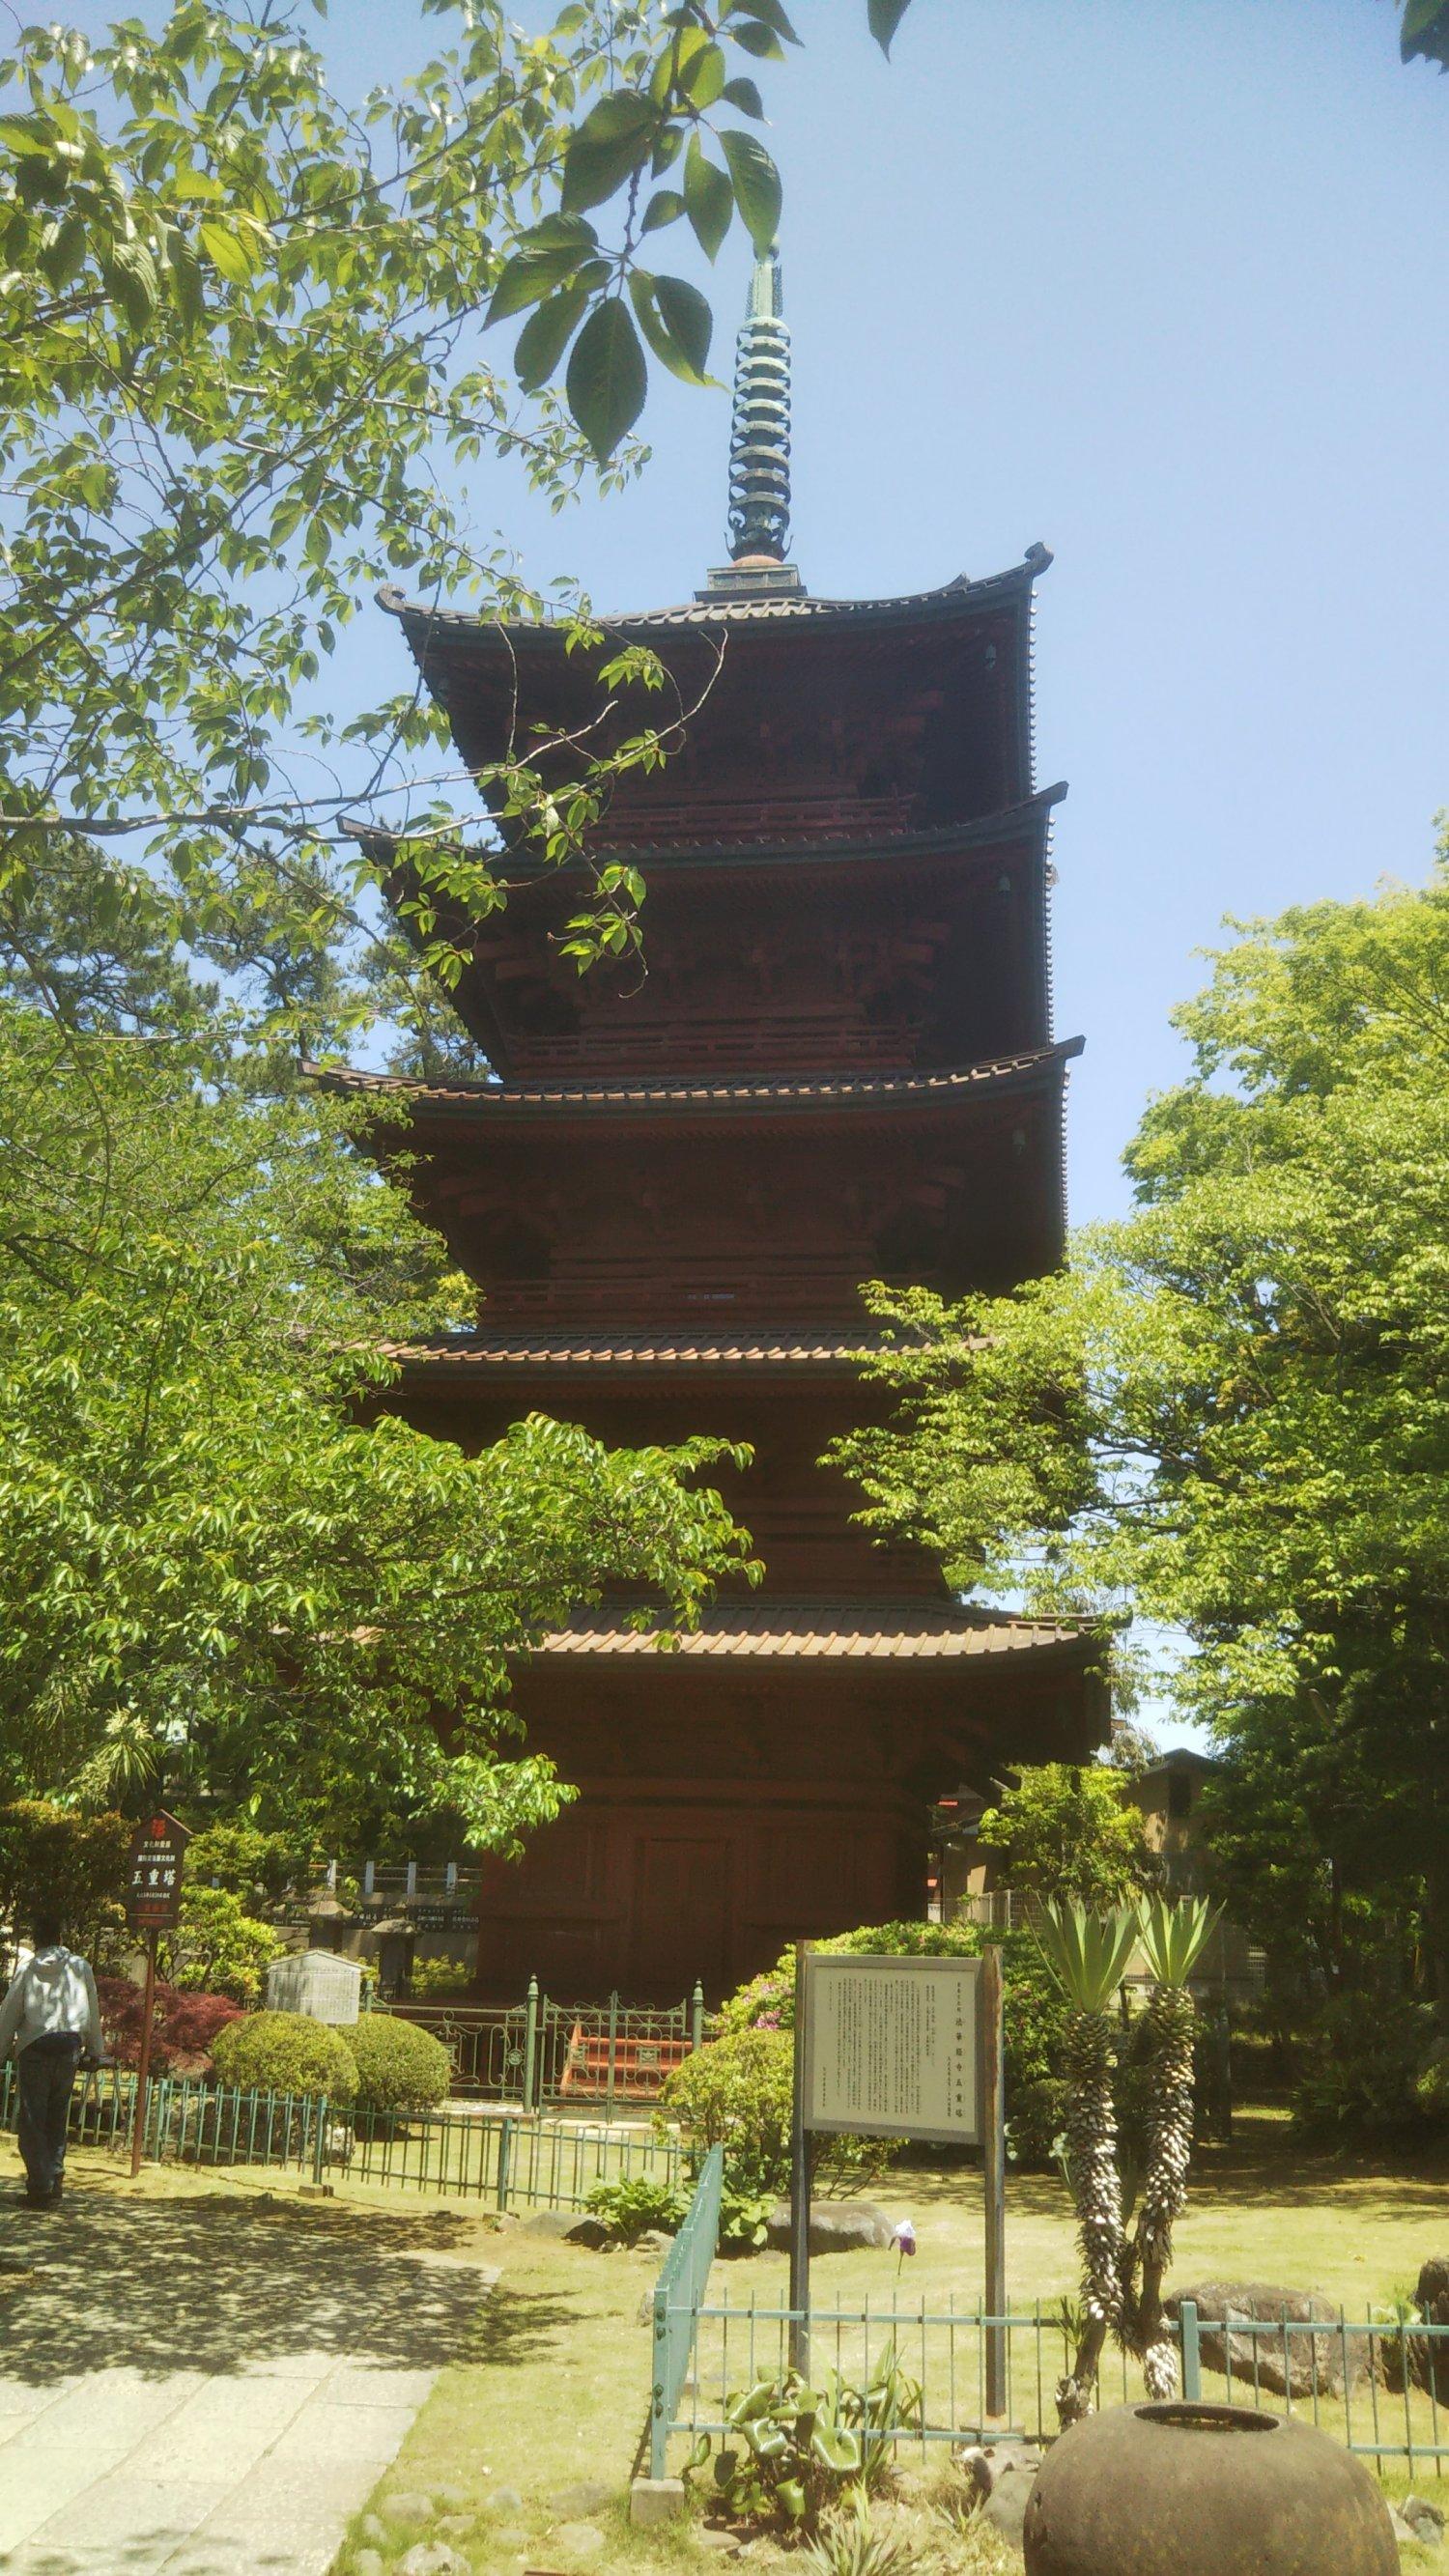 五重塔(ともに国の重要文化財)。境内は静寂とおごそかな雰囲気に包まれ、散策するだけでも身が洗われるよう。